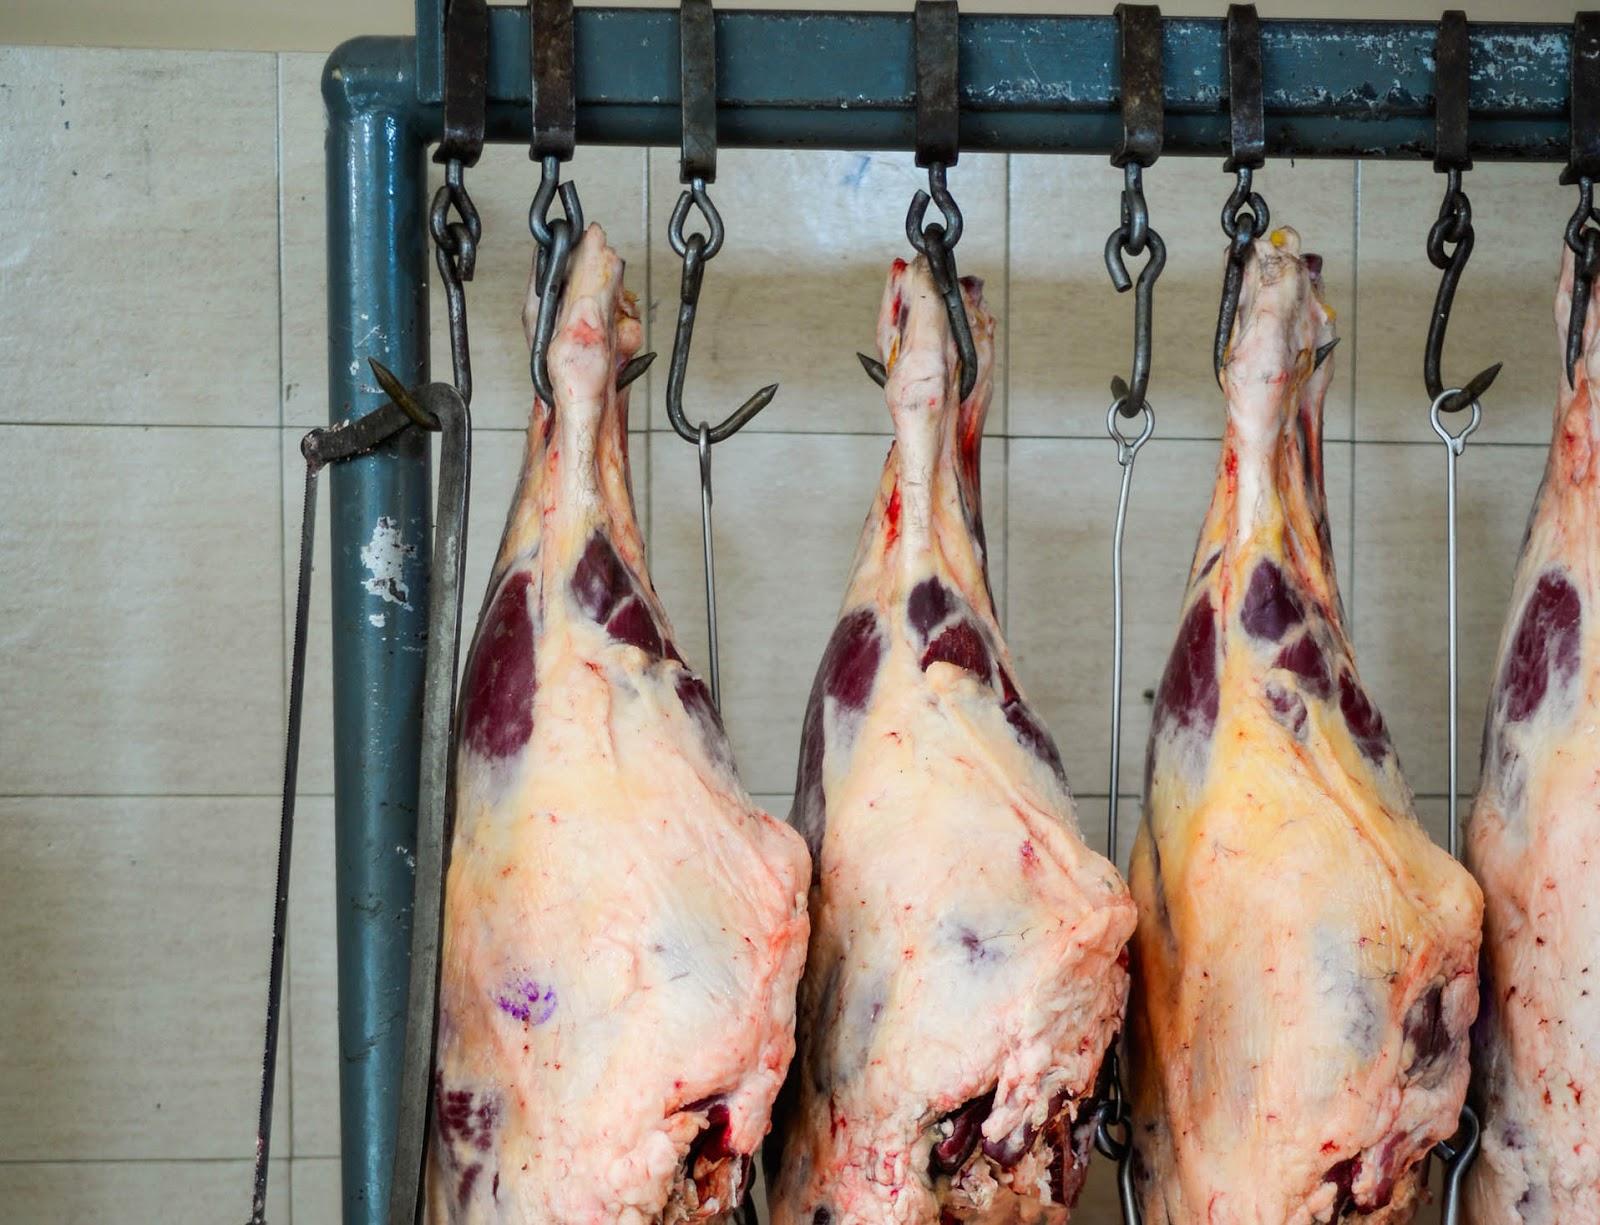 O aumento no custo de proteína elevou o valor da alimentação fora de casa. (Fonte: Pexels/Raul Corrado/Reprodução)